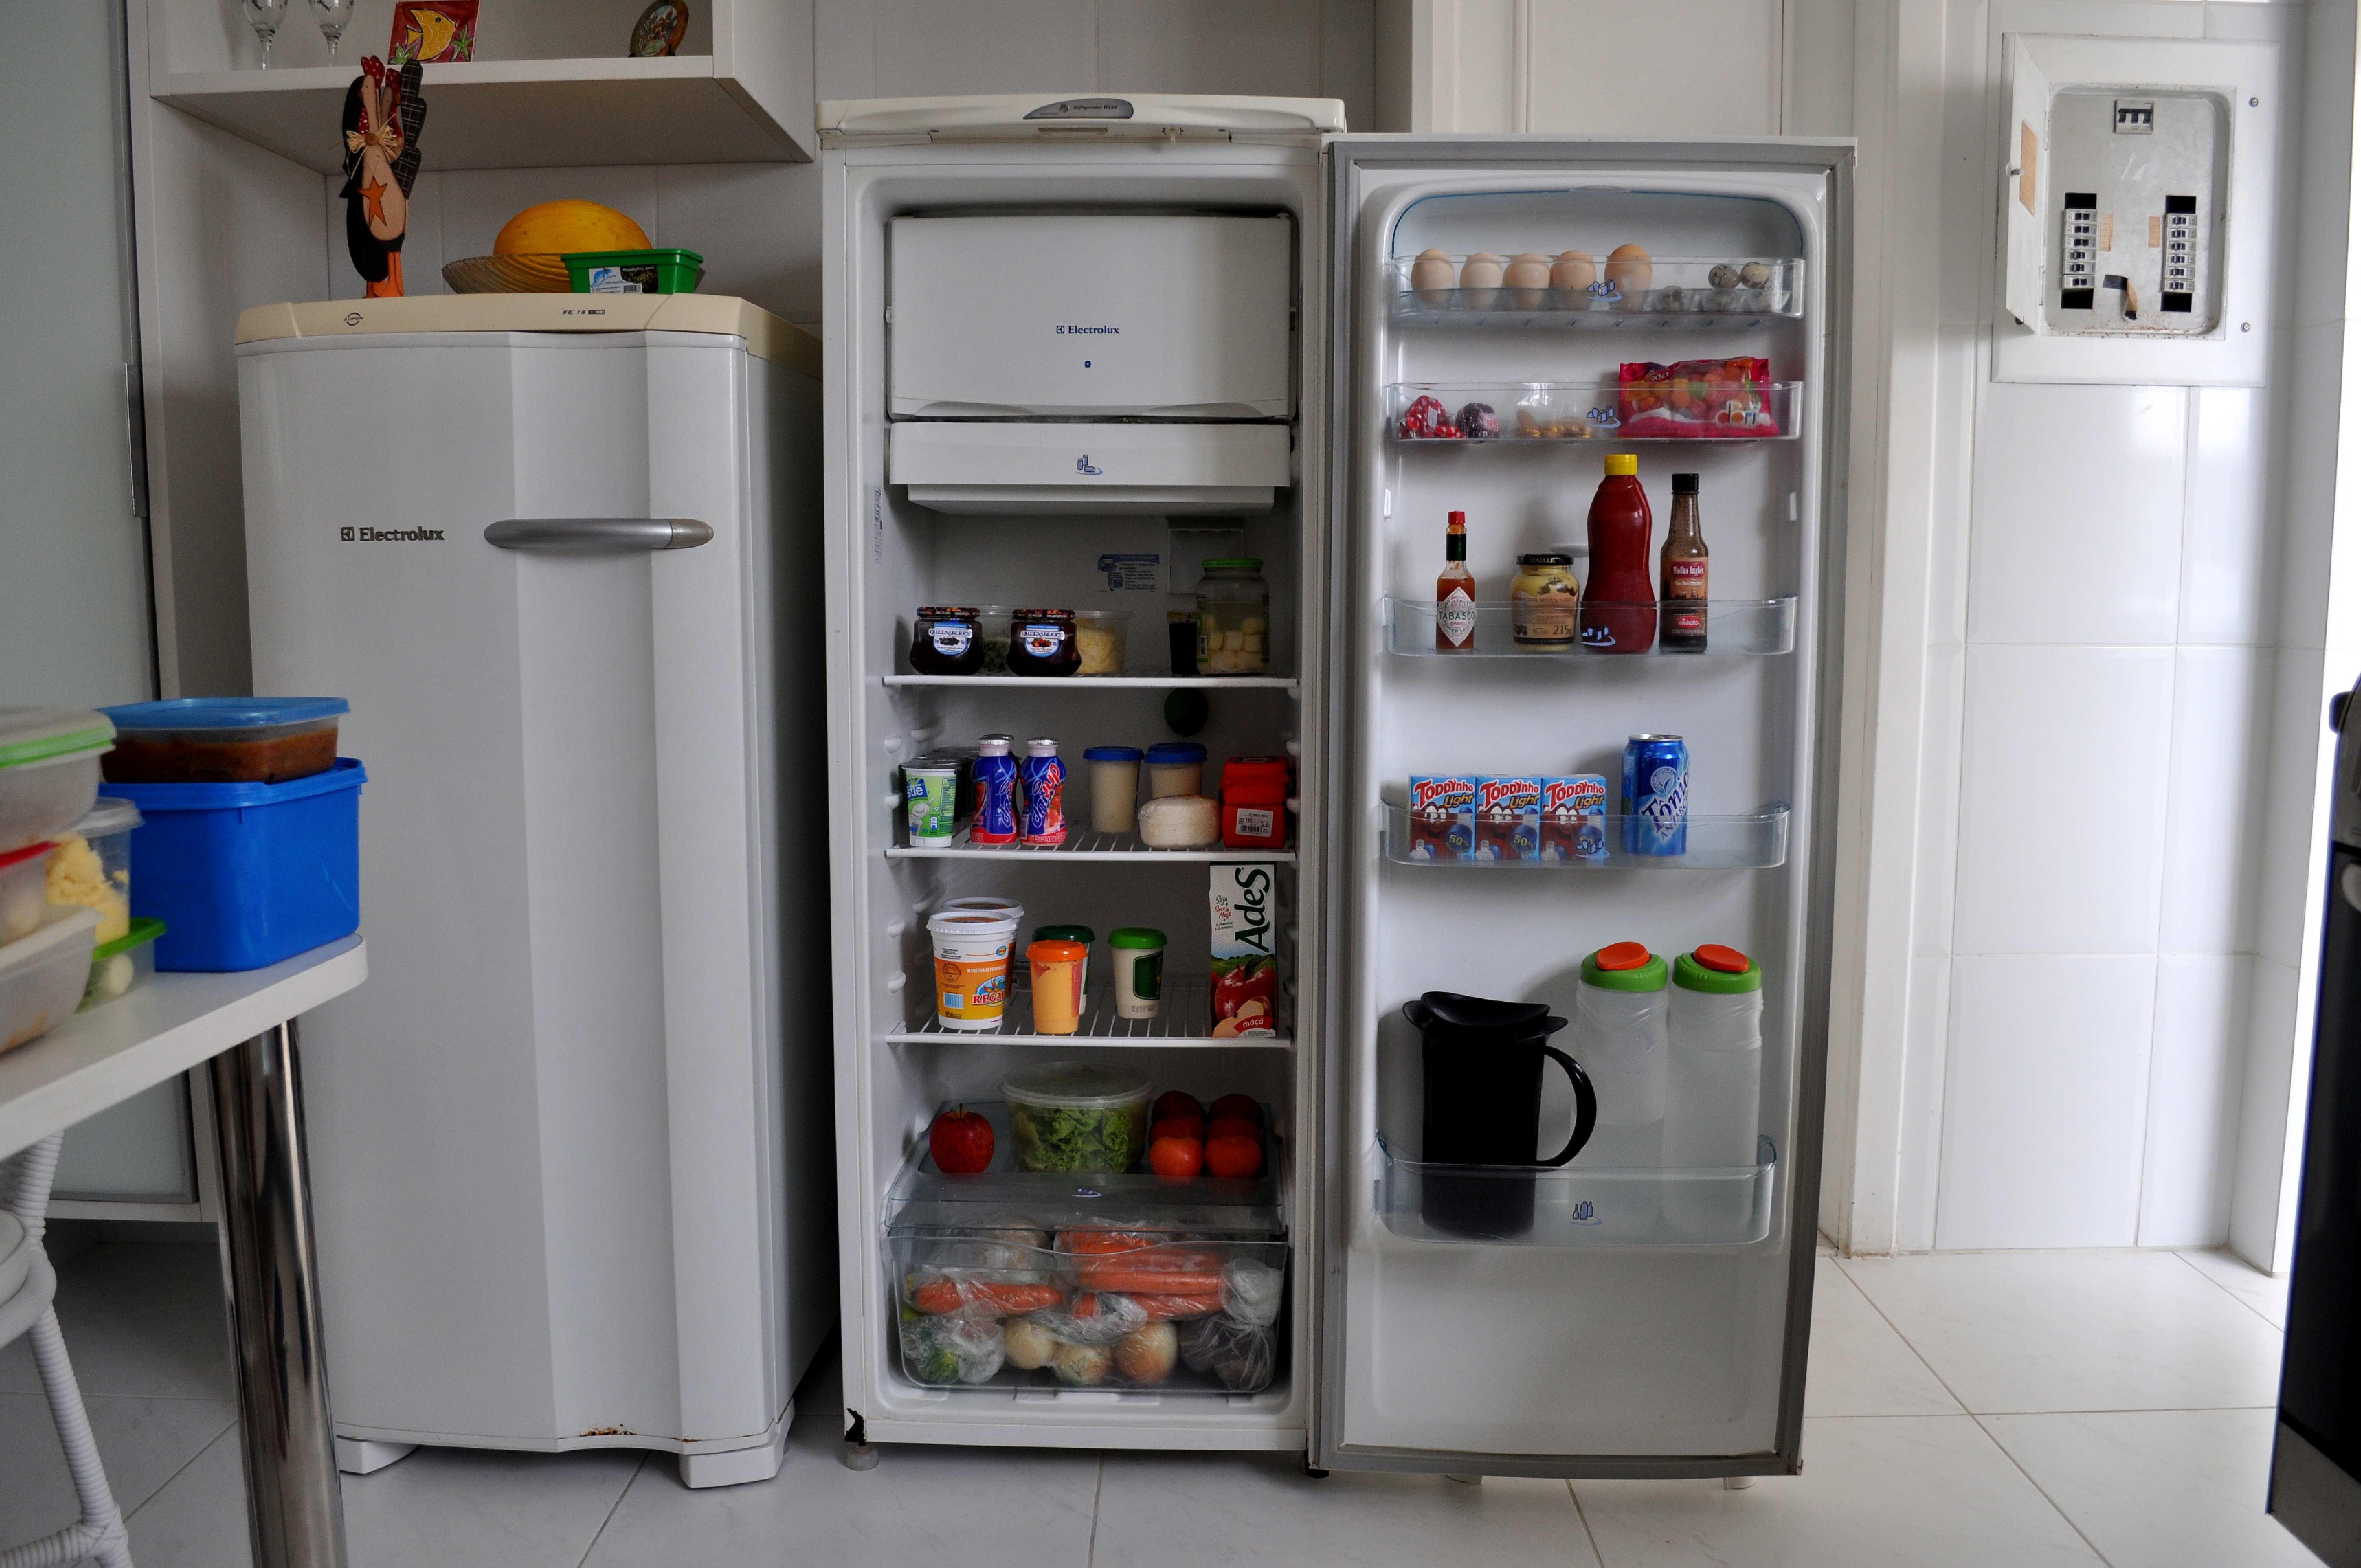 Almacenamiento de alimentos en refrigerador. | Imagen: Pixnio